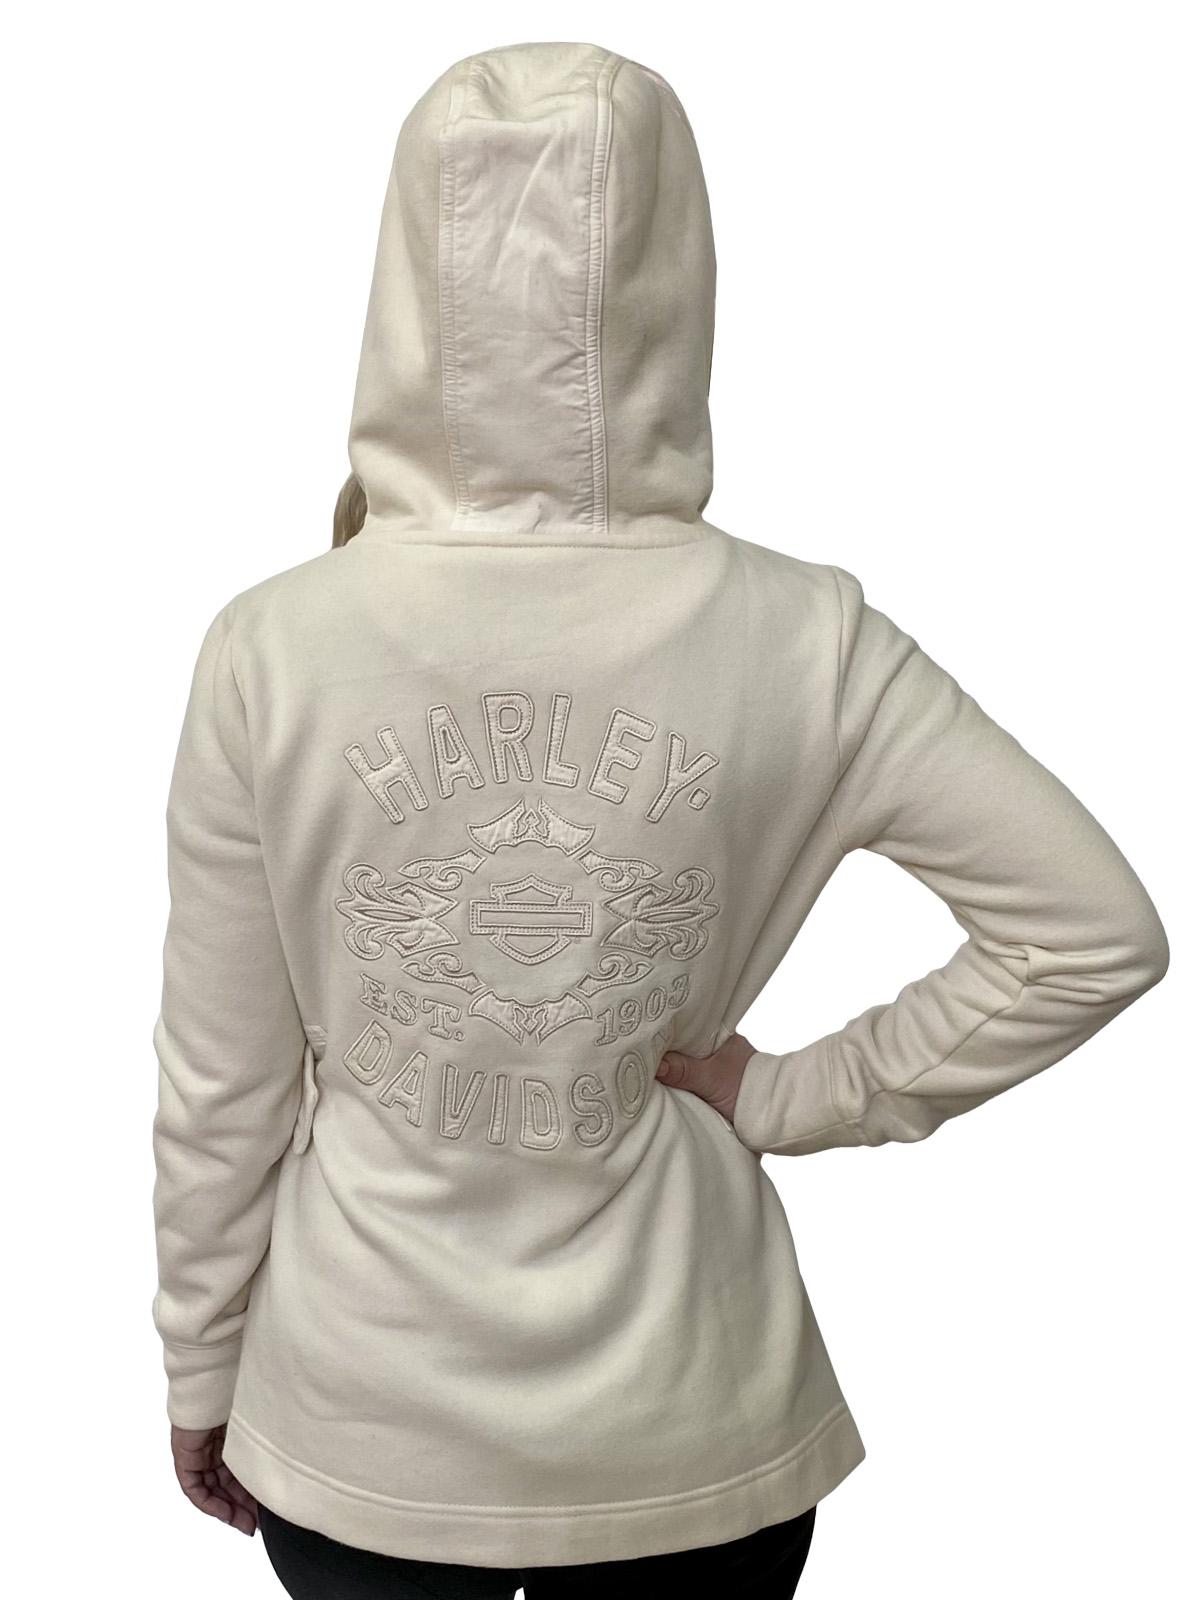 Недорогое женское пальто укороченного фасона